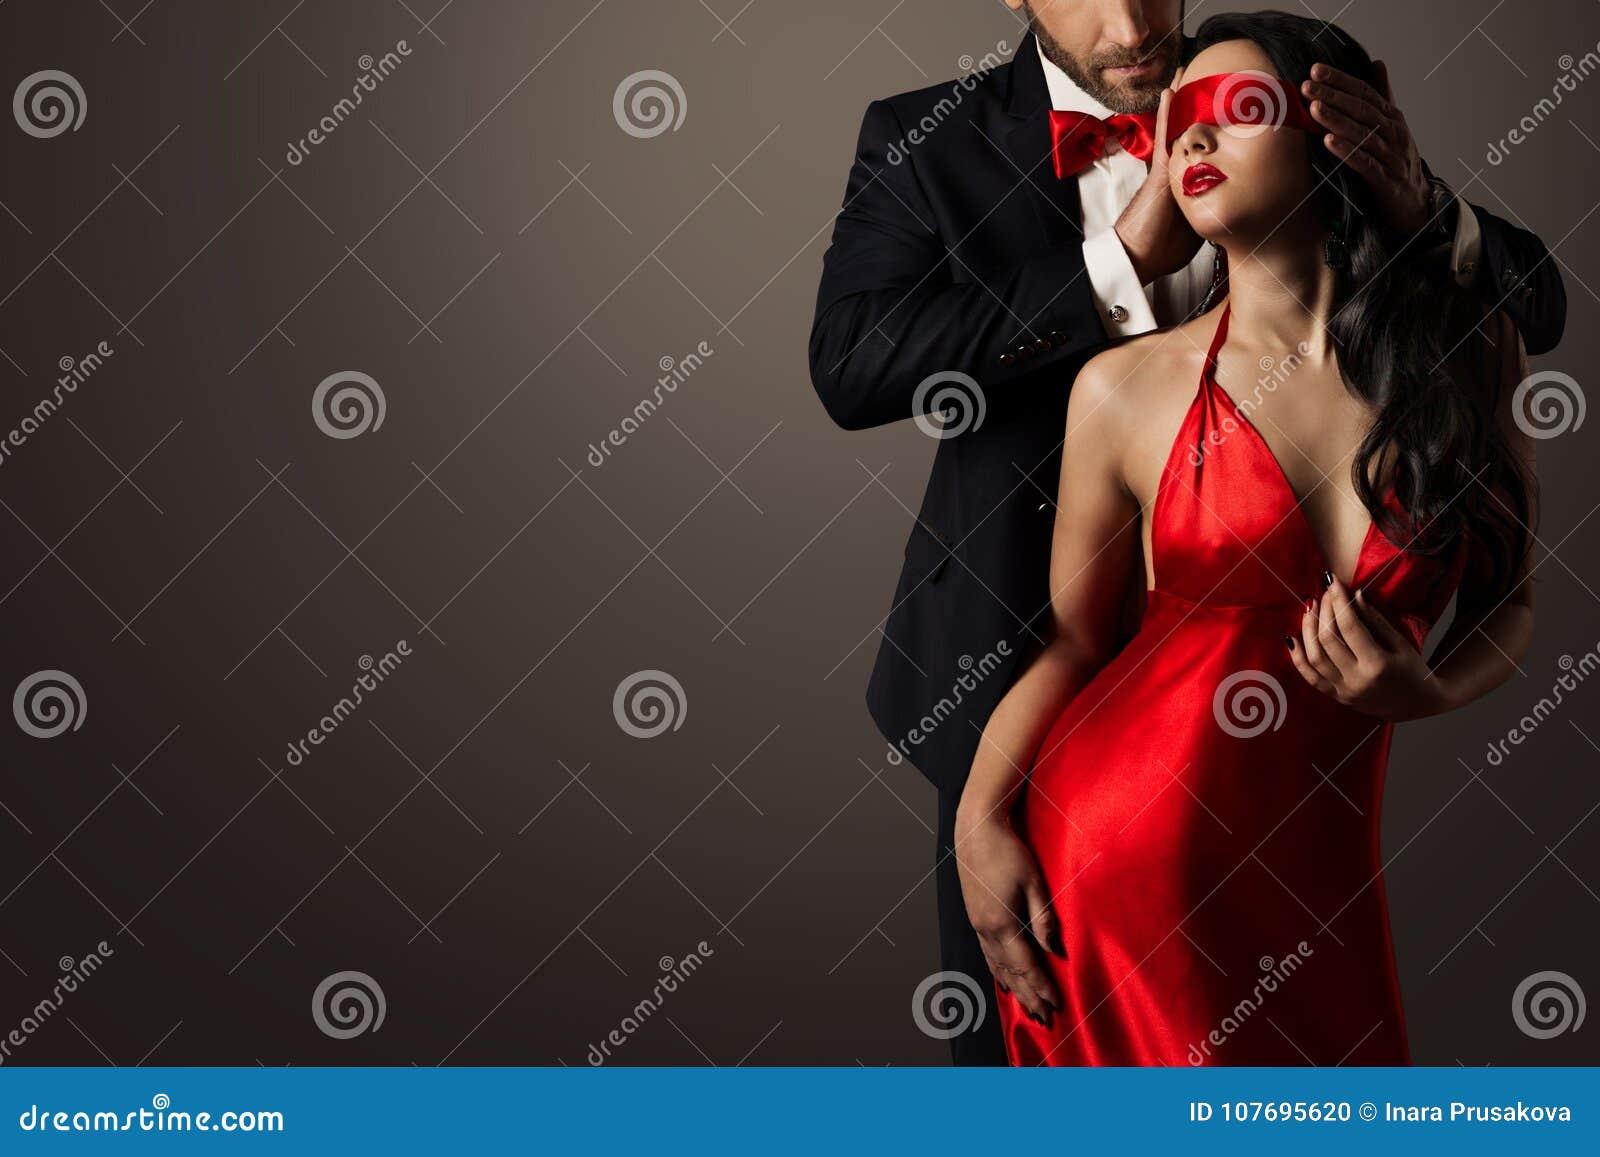 Frau Roten Verbundenen Augen Paar KussMann Im Liebes Und Sexy Mit xBrCdoe